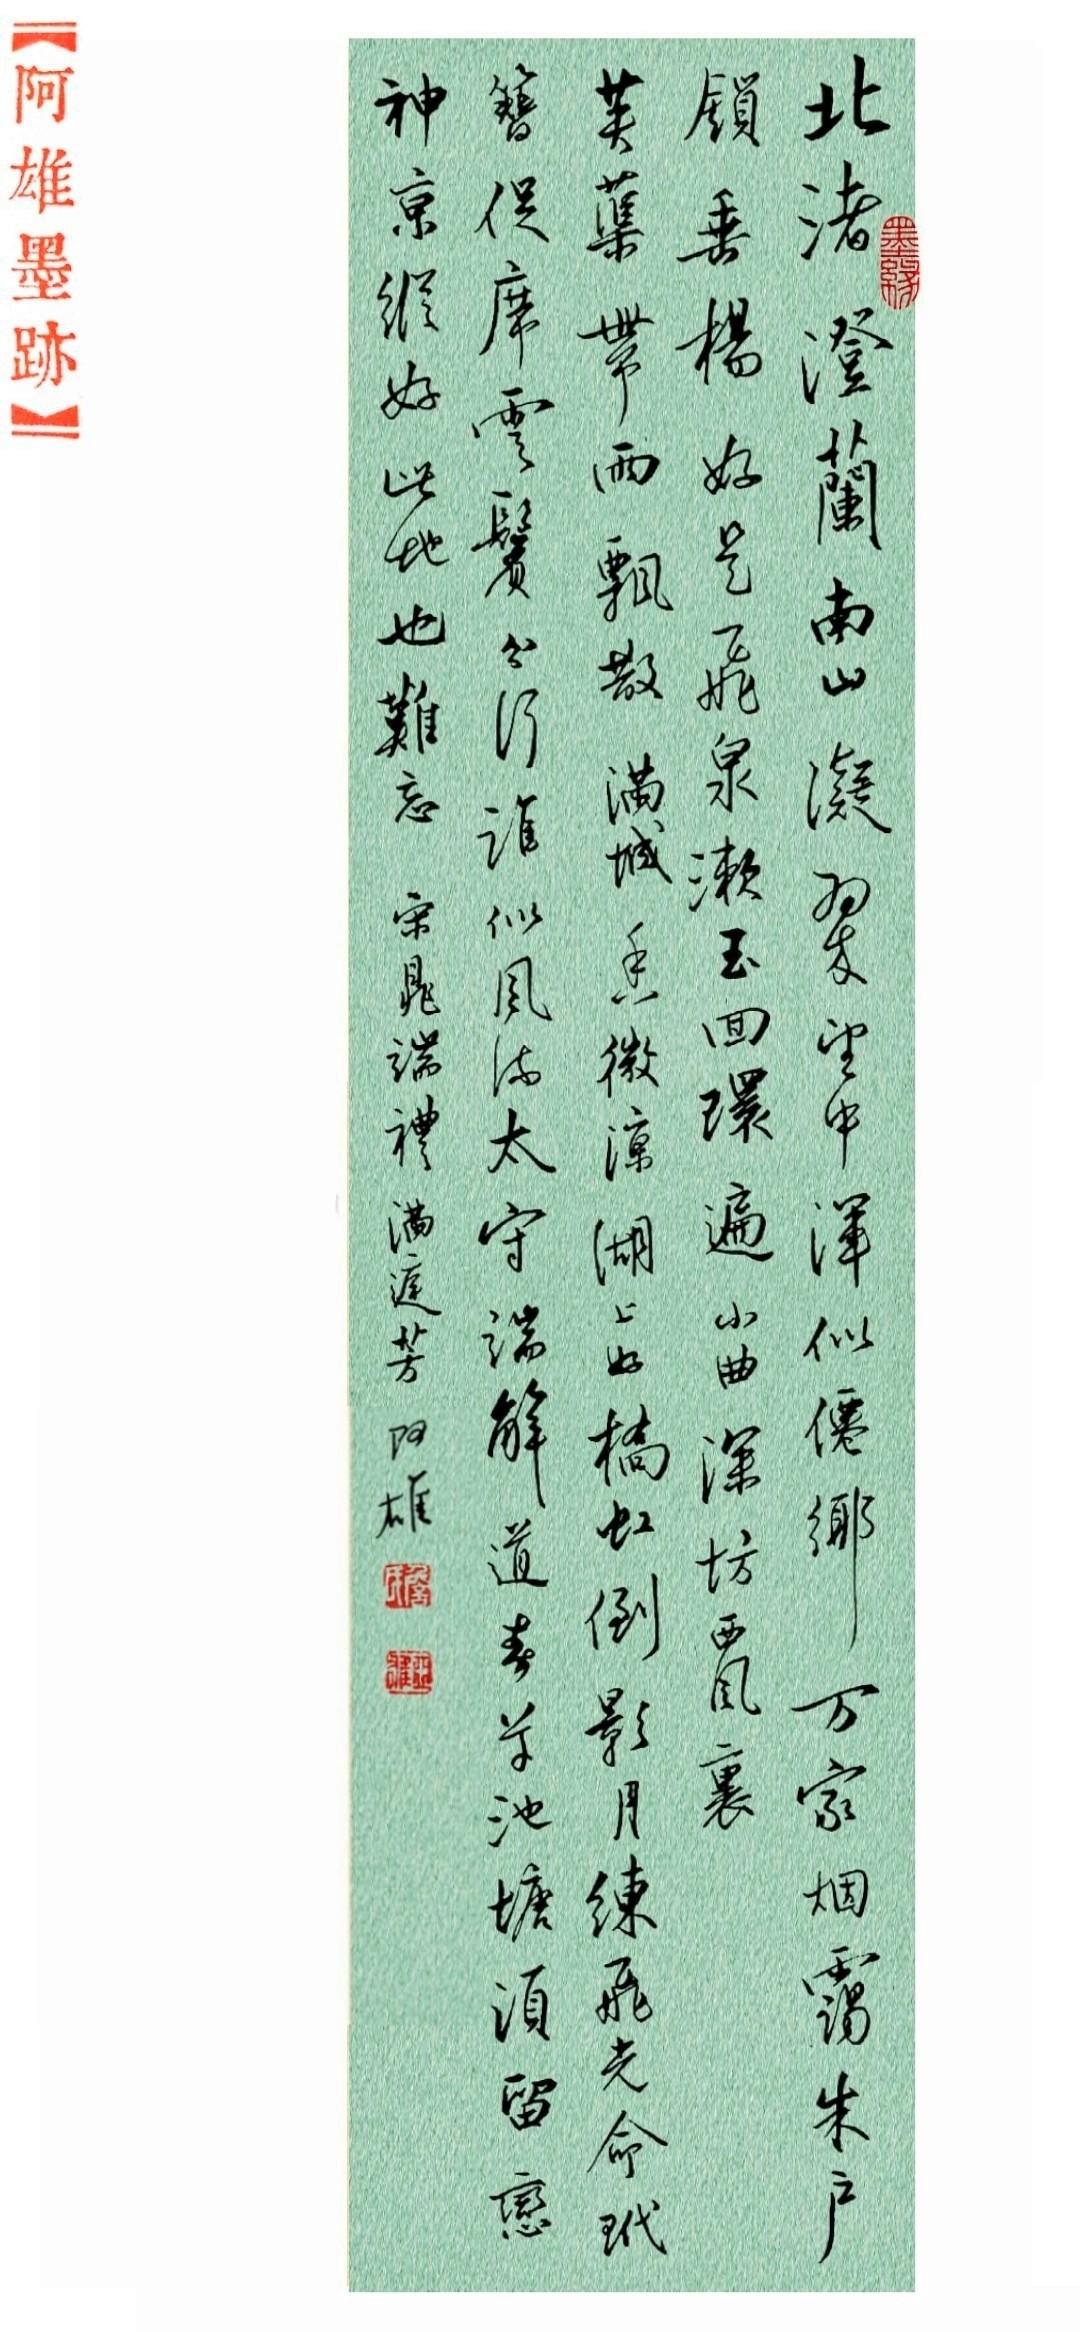 钢笔爱好者练字打卡20210330-15